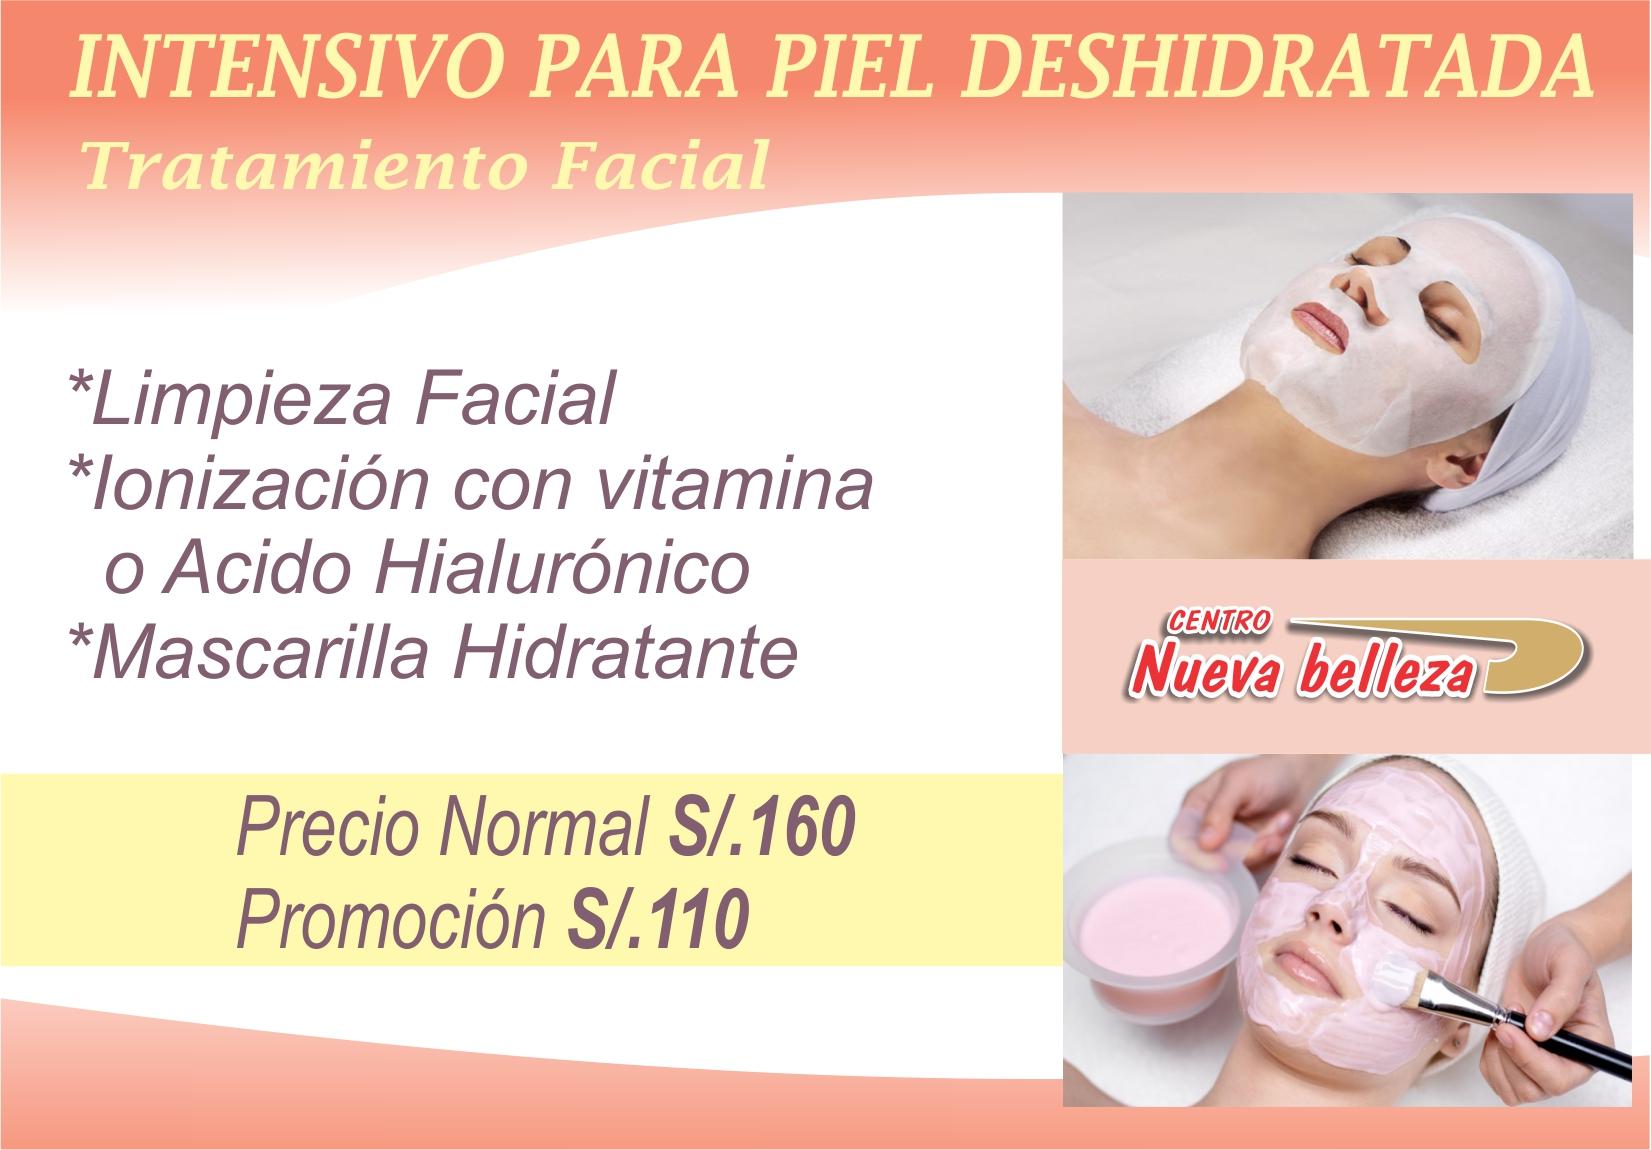 Tratamiento facial para piel deshidratada